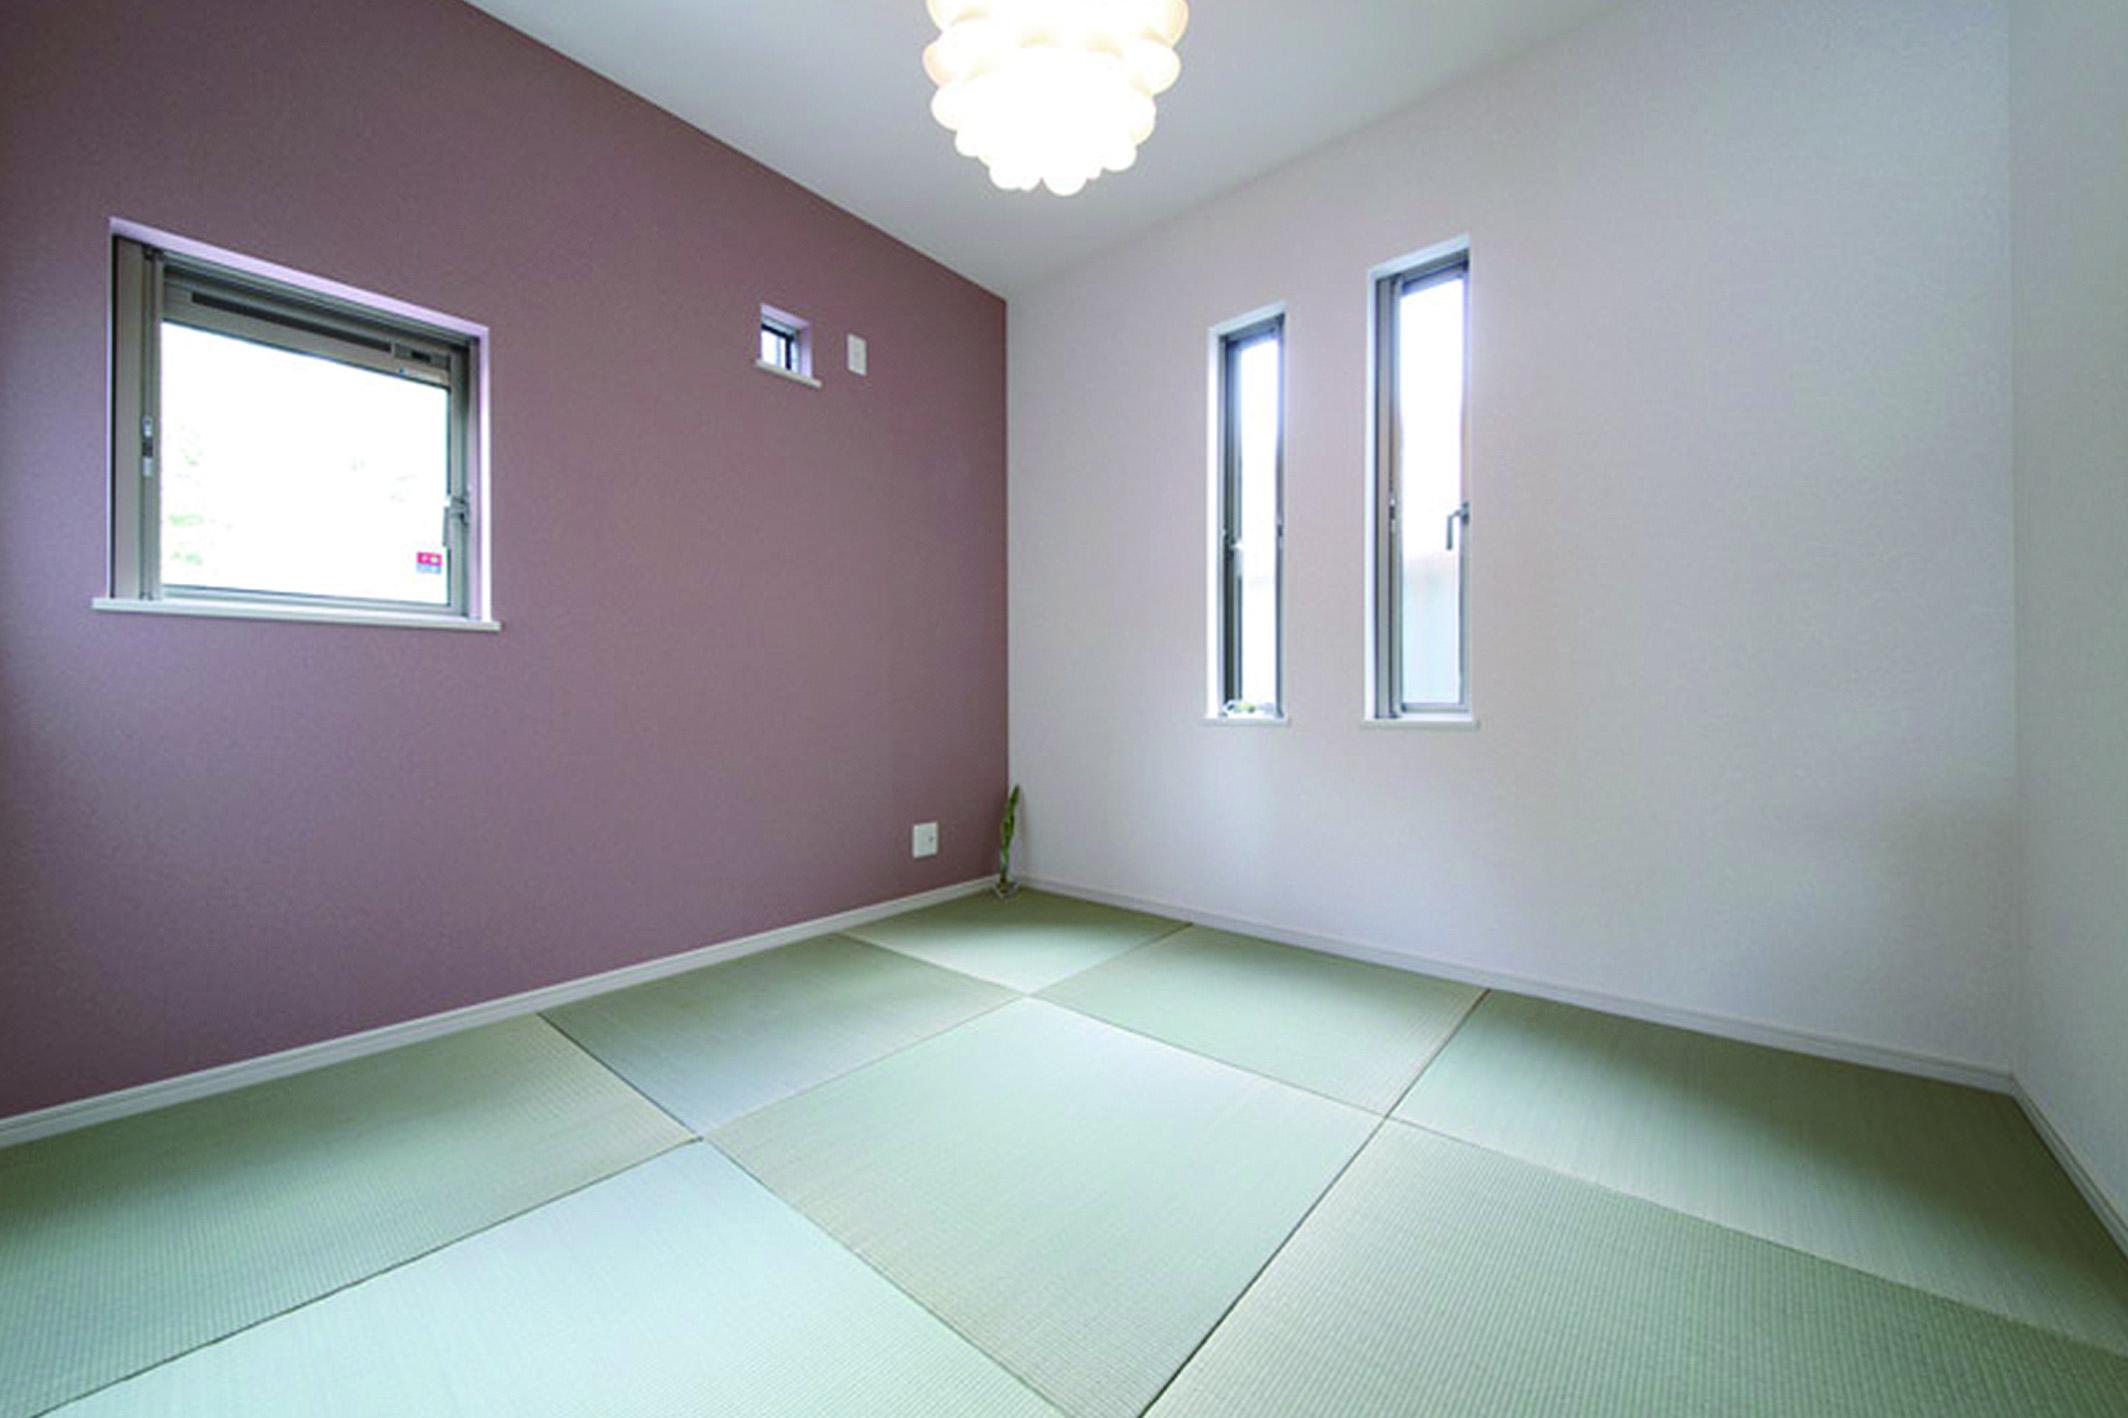 間取りだけでなくインテリアデザインにもこだわった家づくりを行えます。